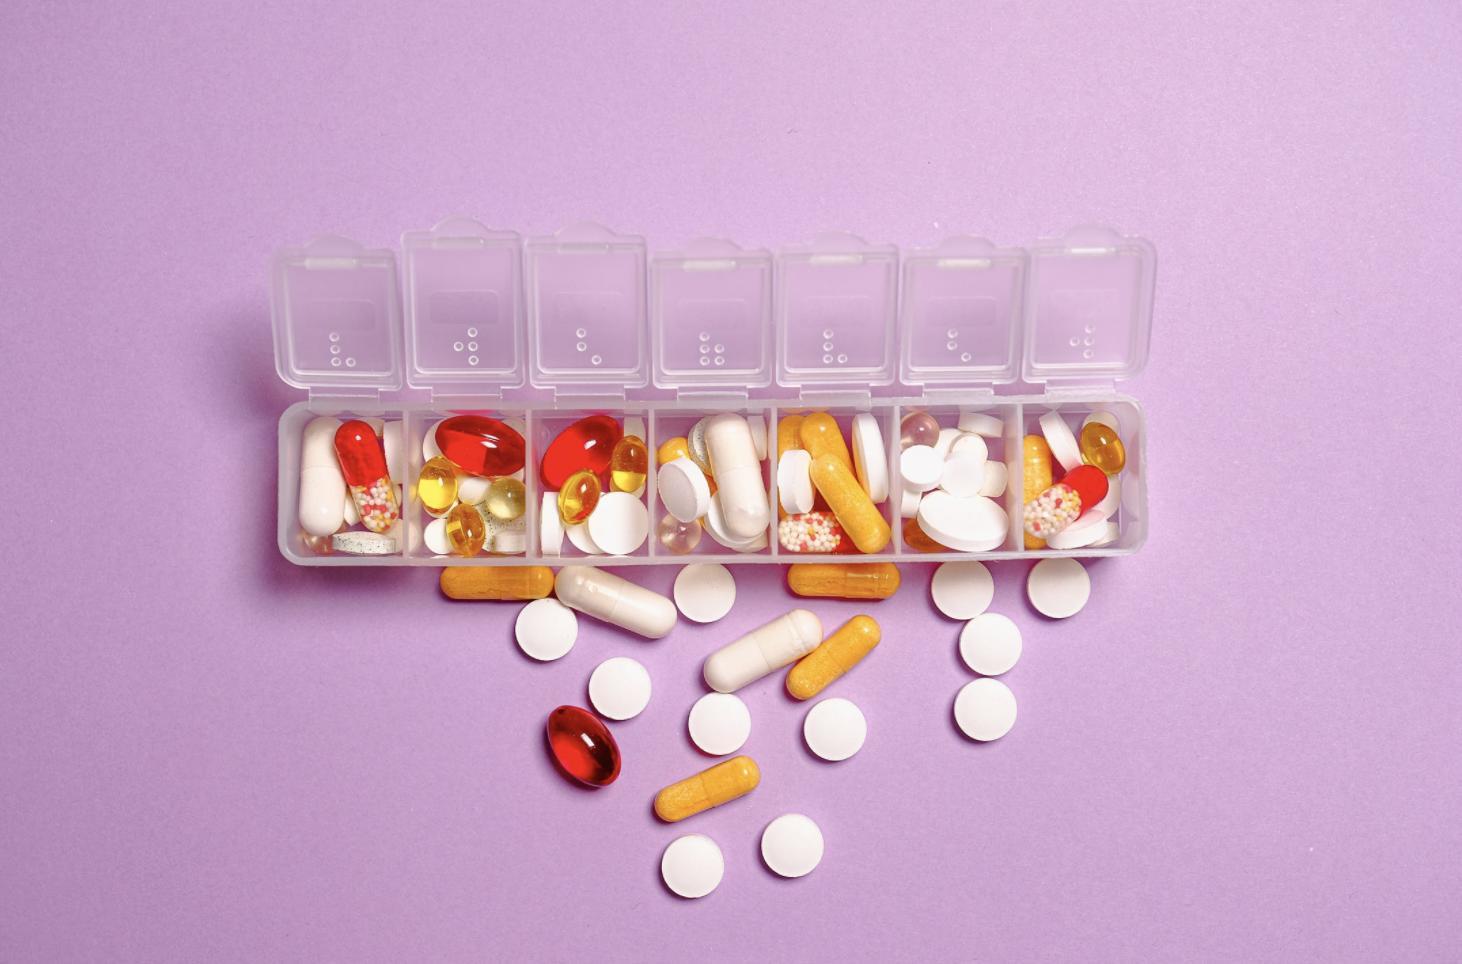 飯前、飯後吃藥到底是多久?  記得一正確數字再不怕「吃錯藥」